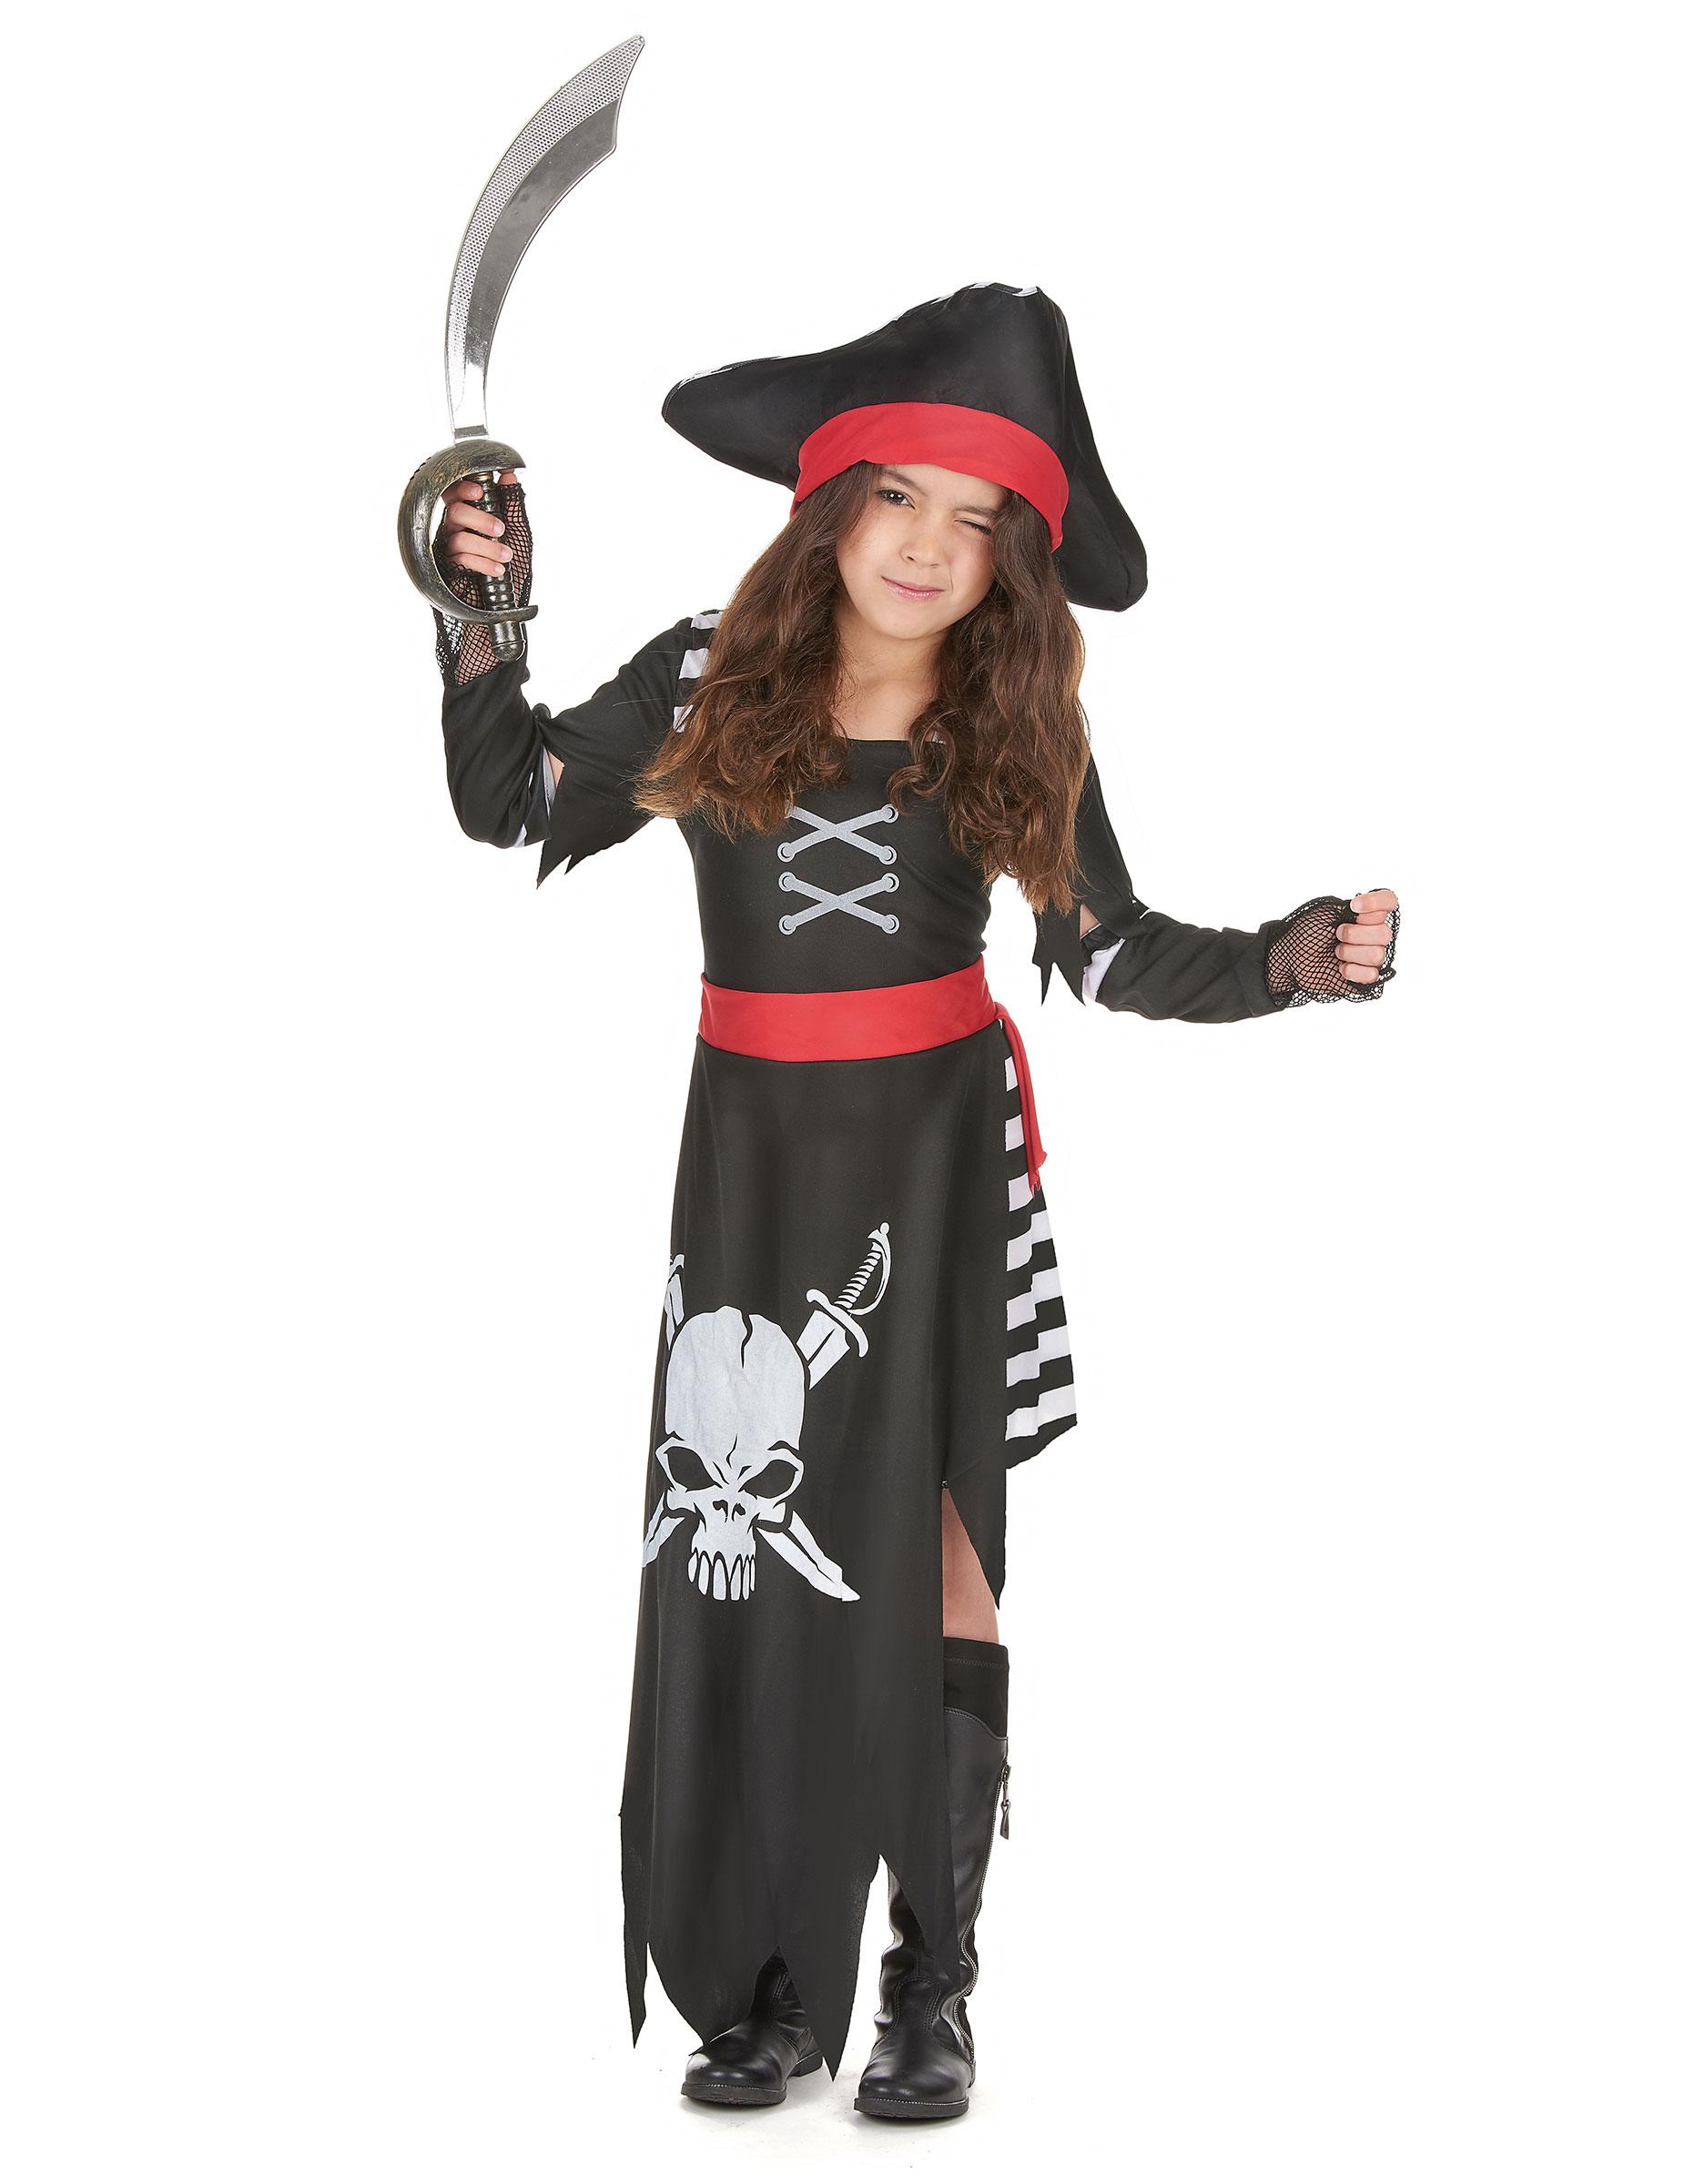 Piraten Kapitans Kostum Fur Madchen Kostume Fur Kinder Und Gunstige